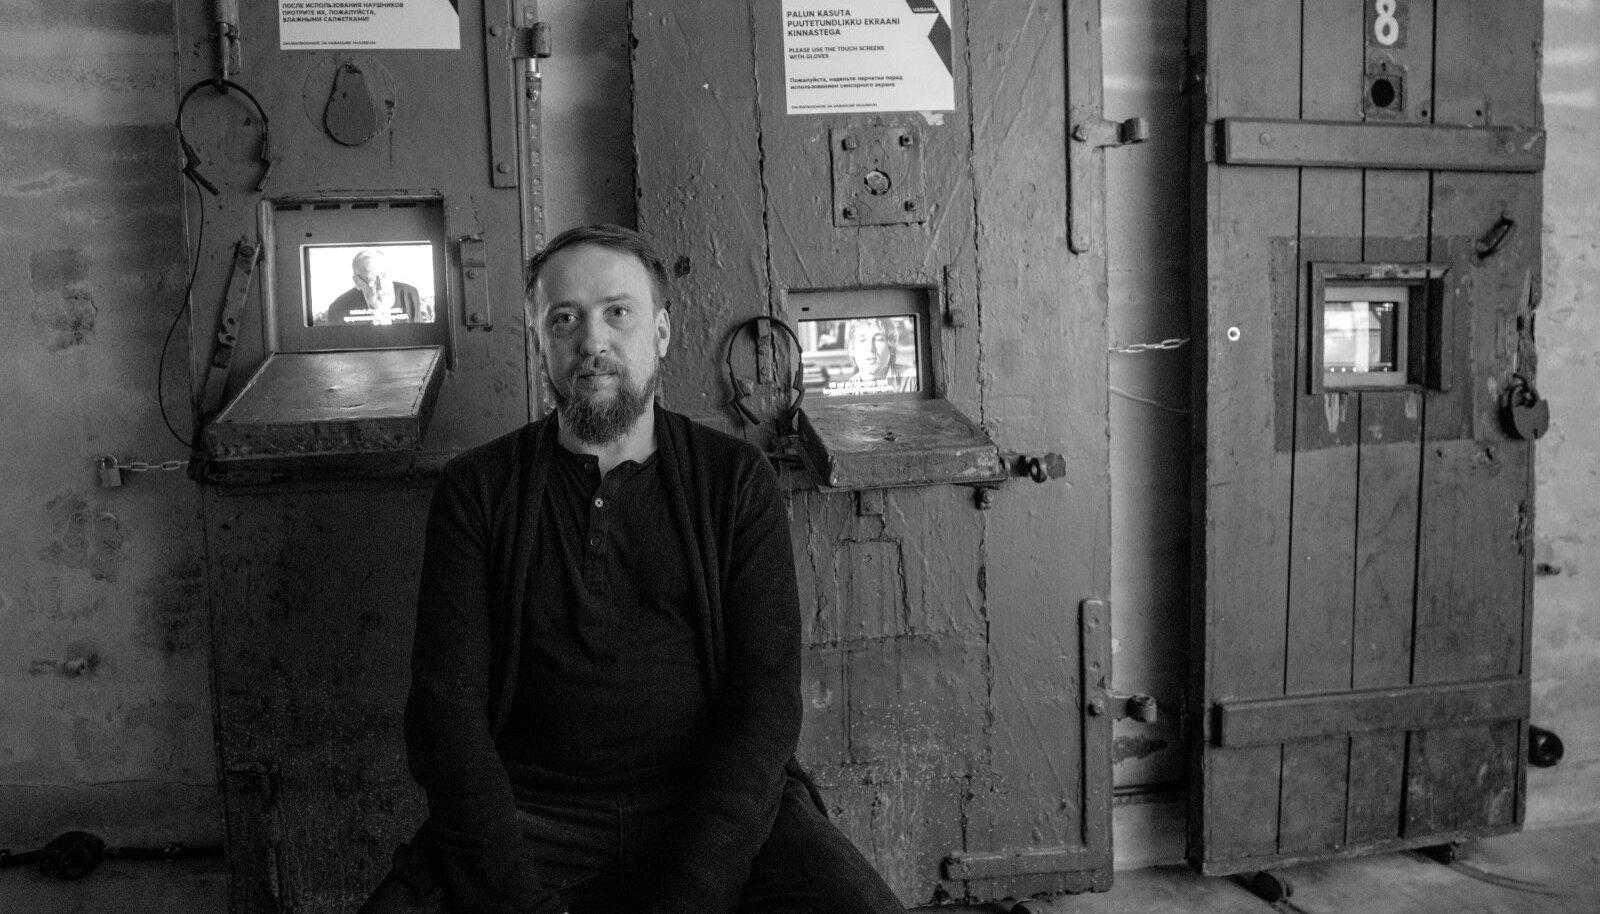 Tallinnas võttis lavastaja Dmitri Jegorov ette käigu Pagari tänava muuseumisse, et tunnetada olemist KGB keldris.